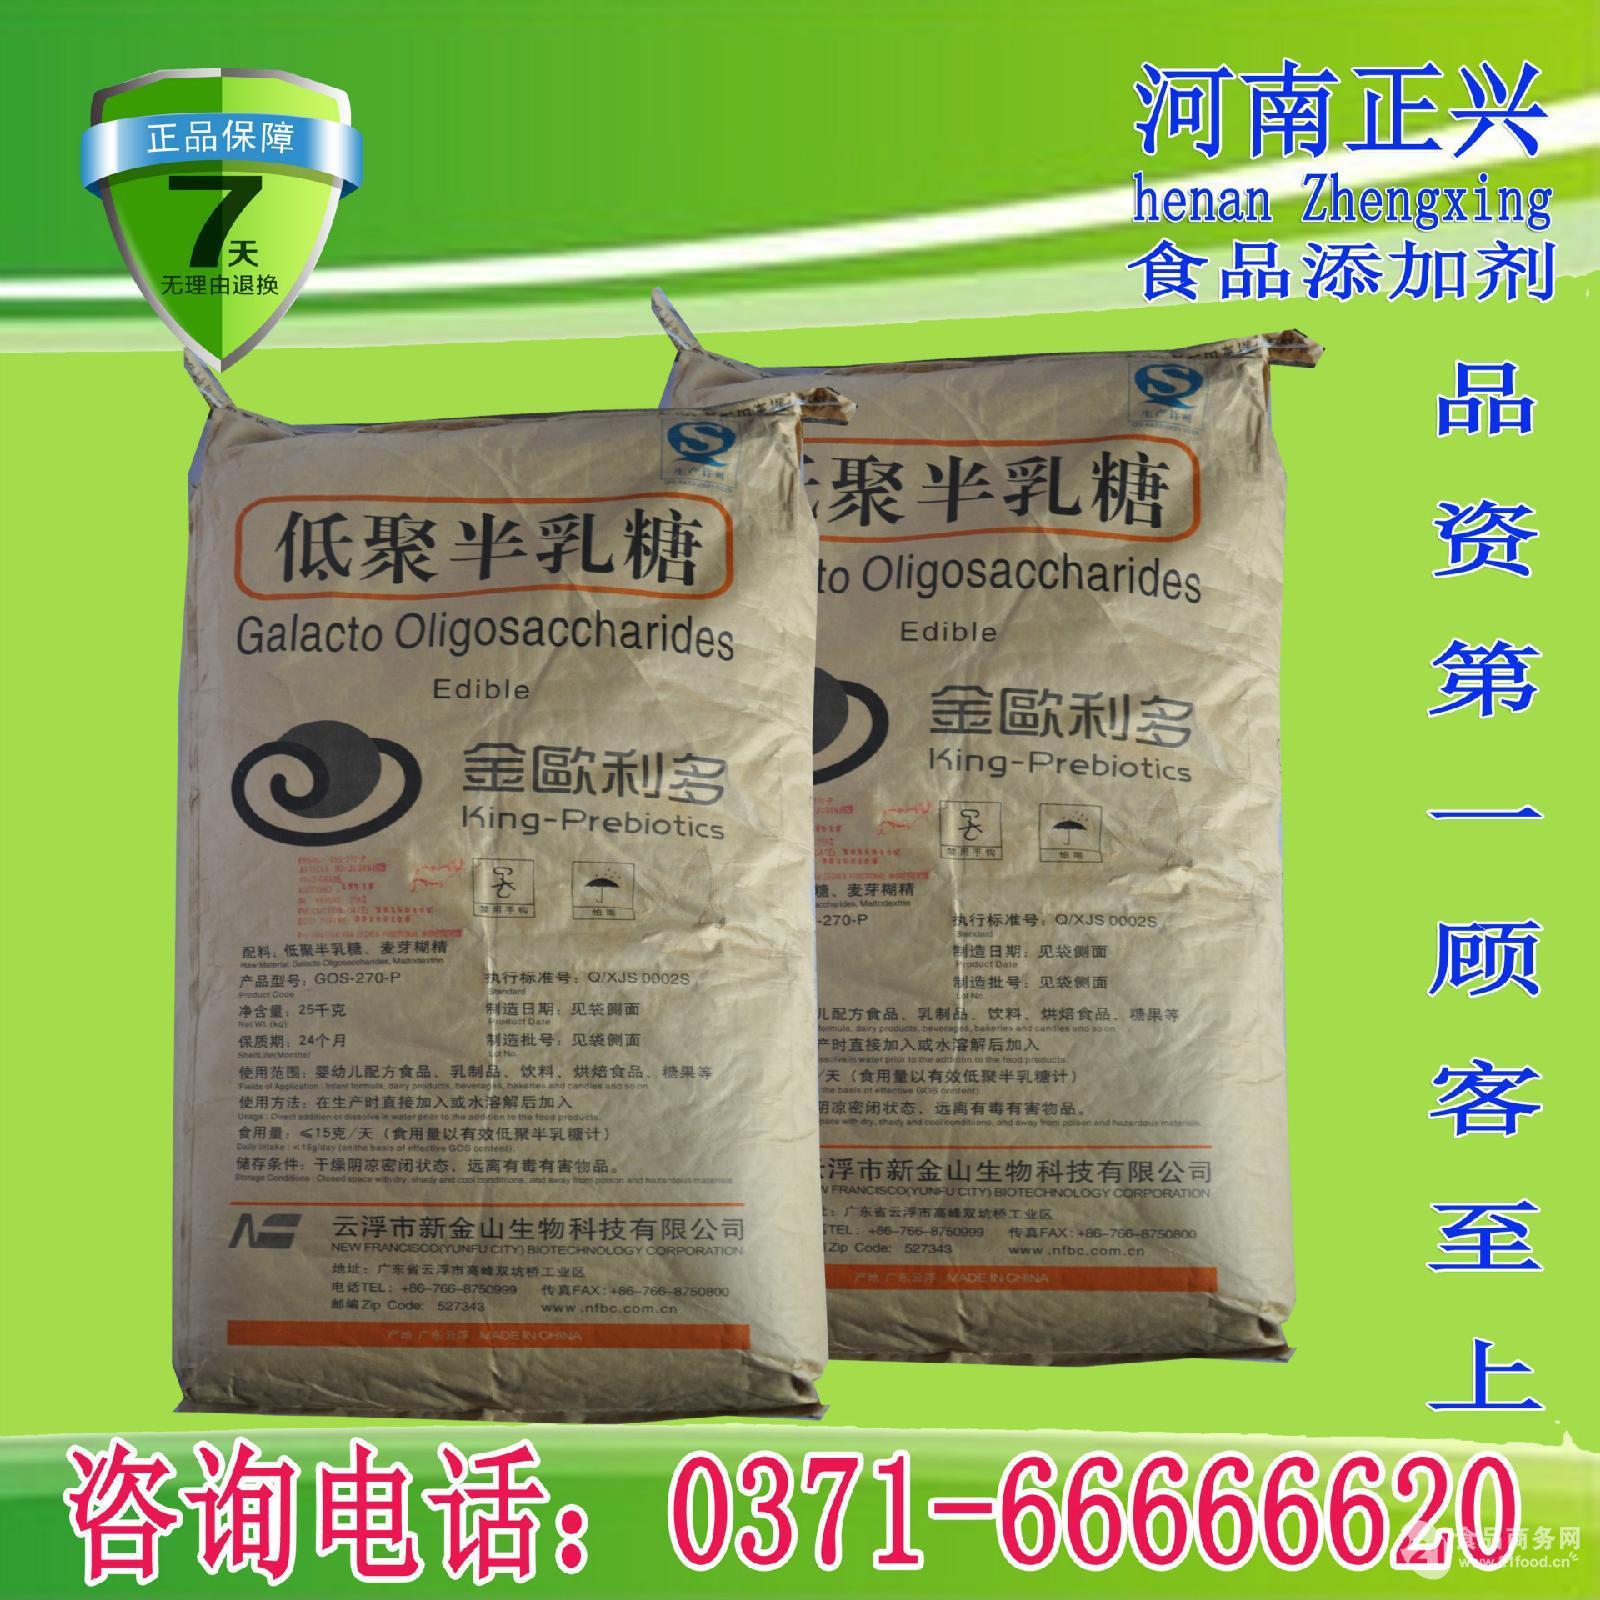 专业供应 食品级 低聚半乳糖 70% 品质保证